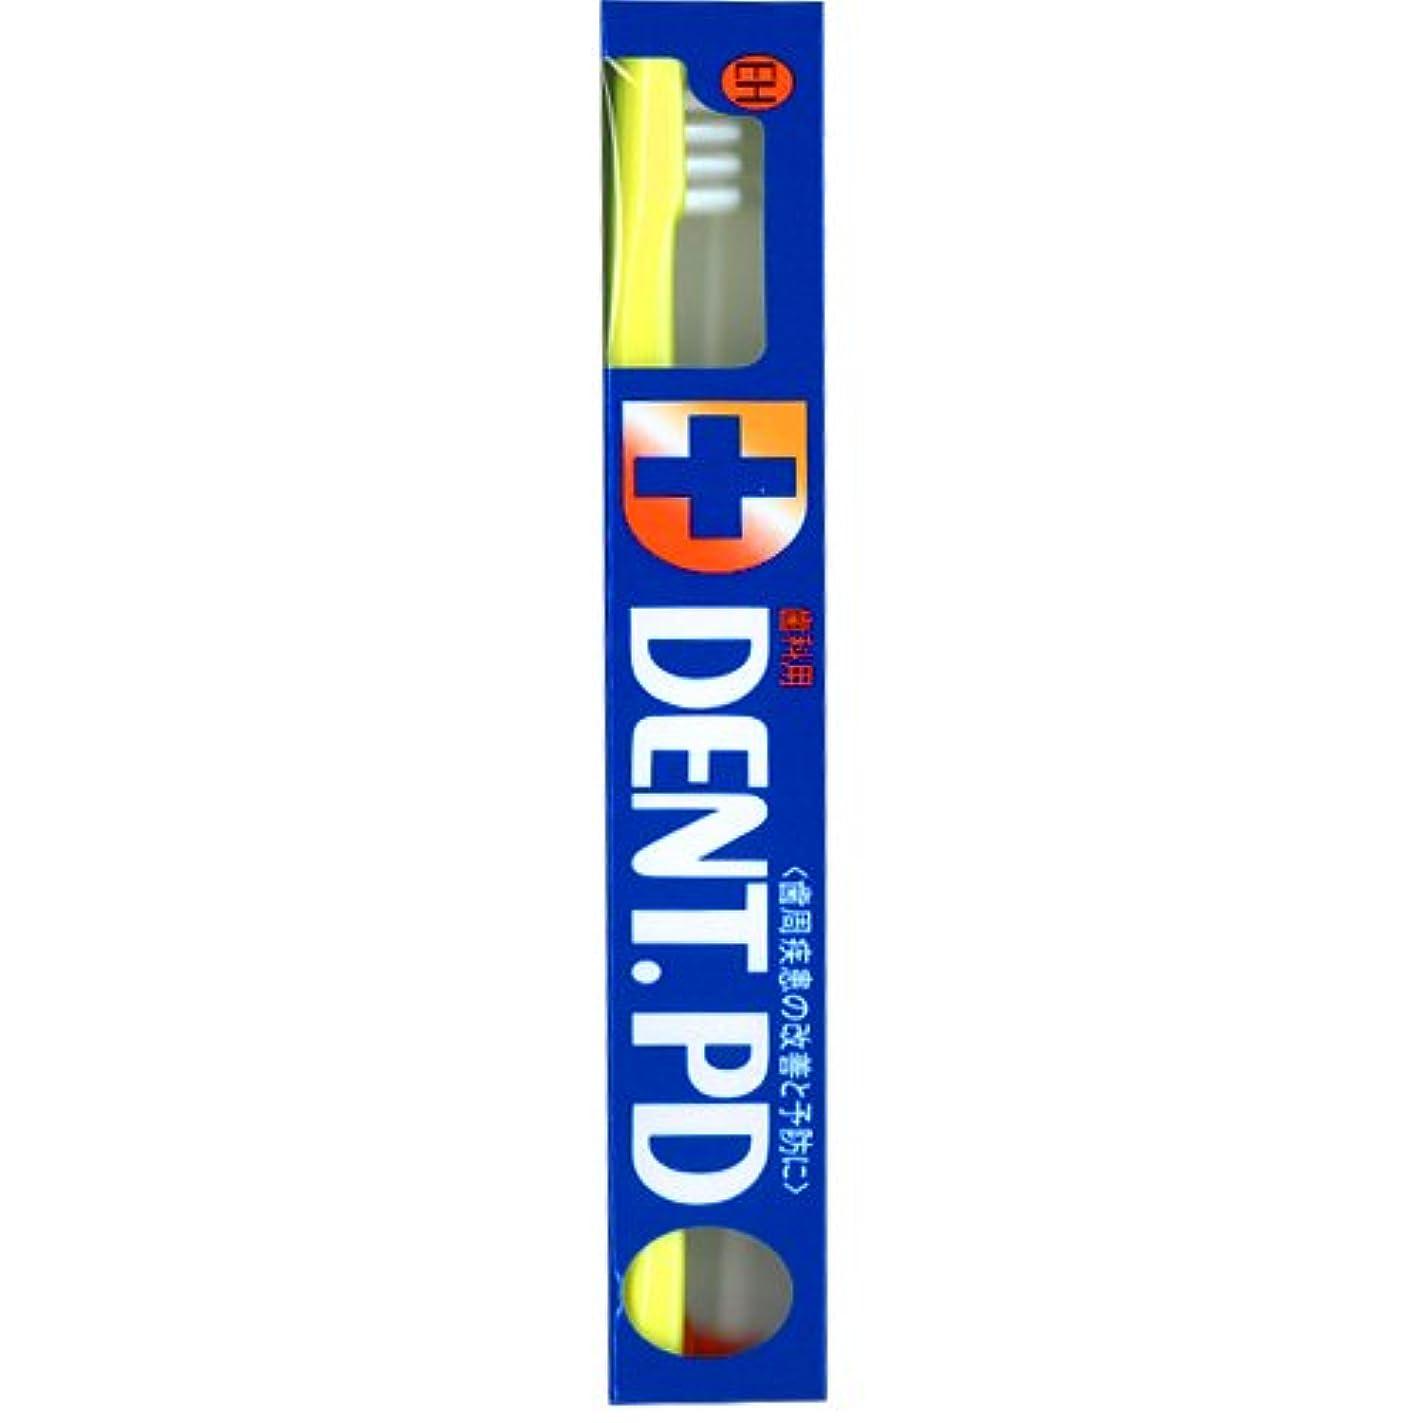 流用するステッチゲートライオン DENT.PD歯ブラシ 1本 EH (イエロー)